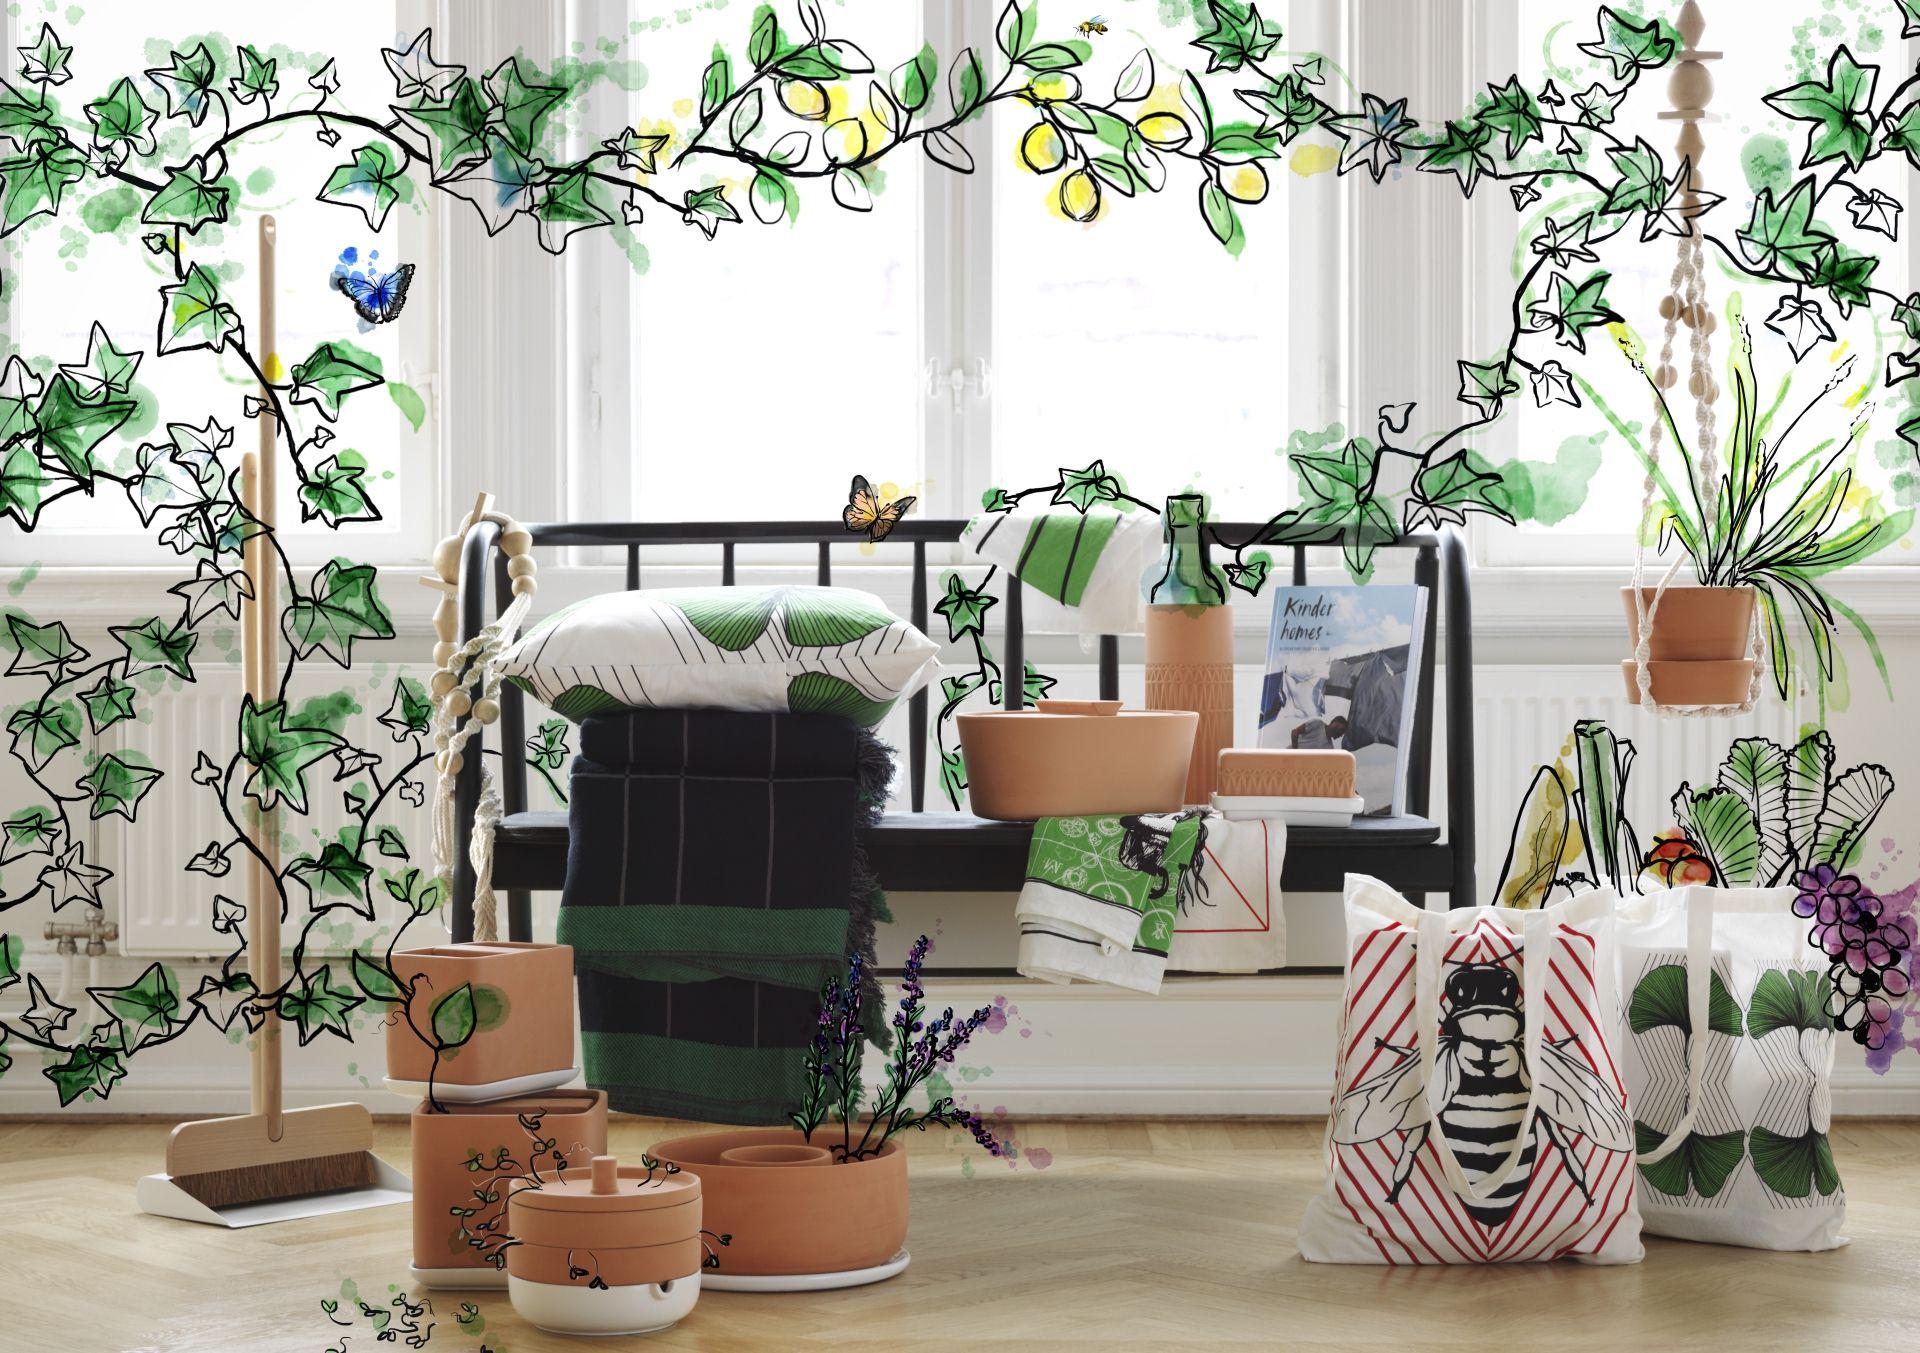 La collezione anv ndbar ti aiuta a vivere una vita pi sostenibile in casa in modo pi - Arredamento casa completo ikea ...